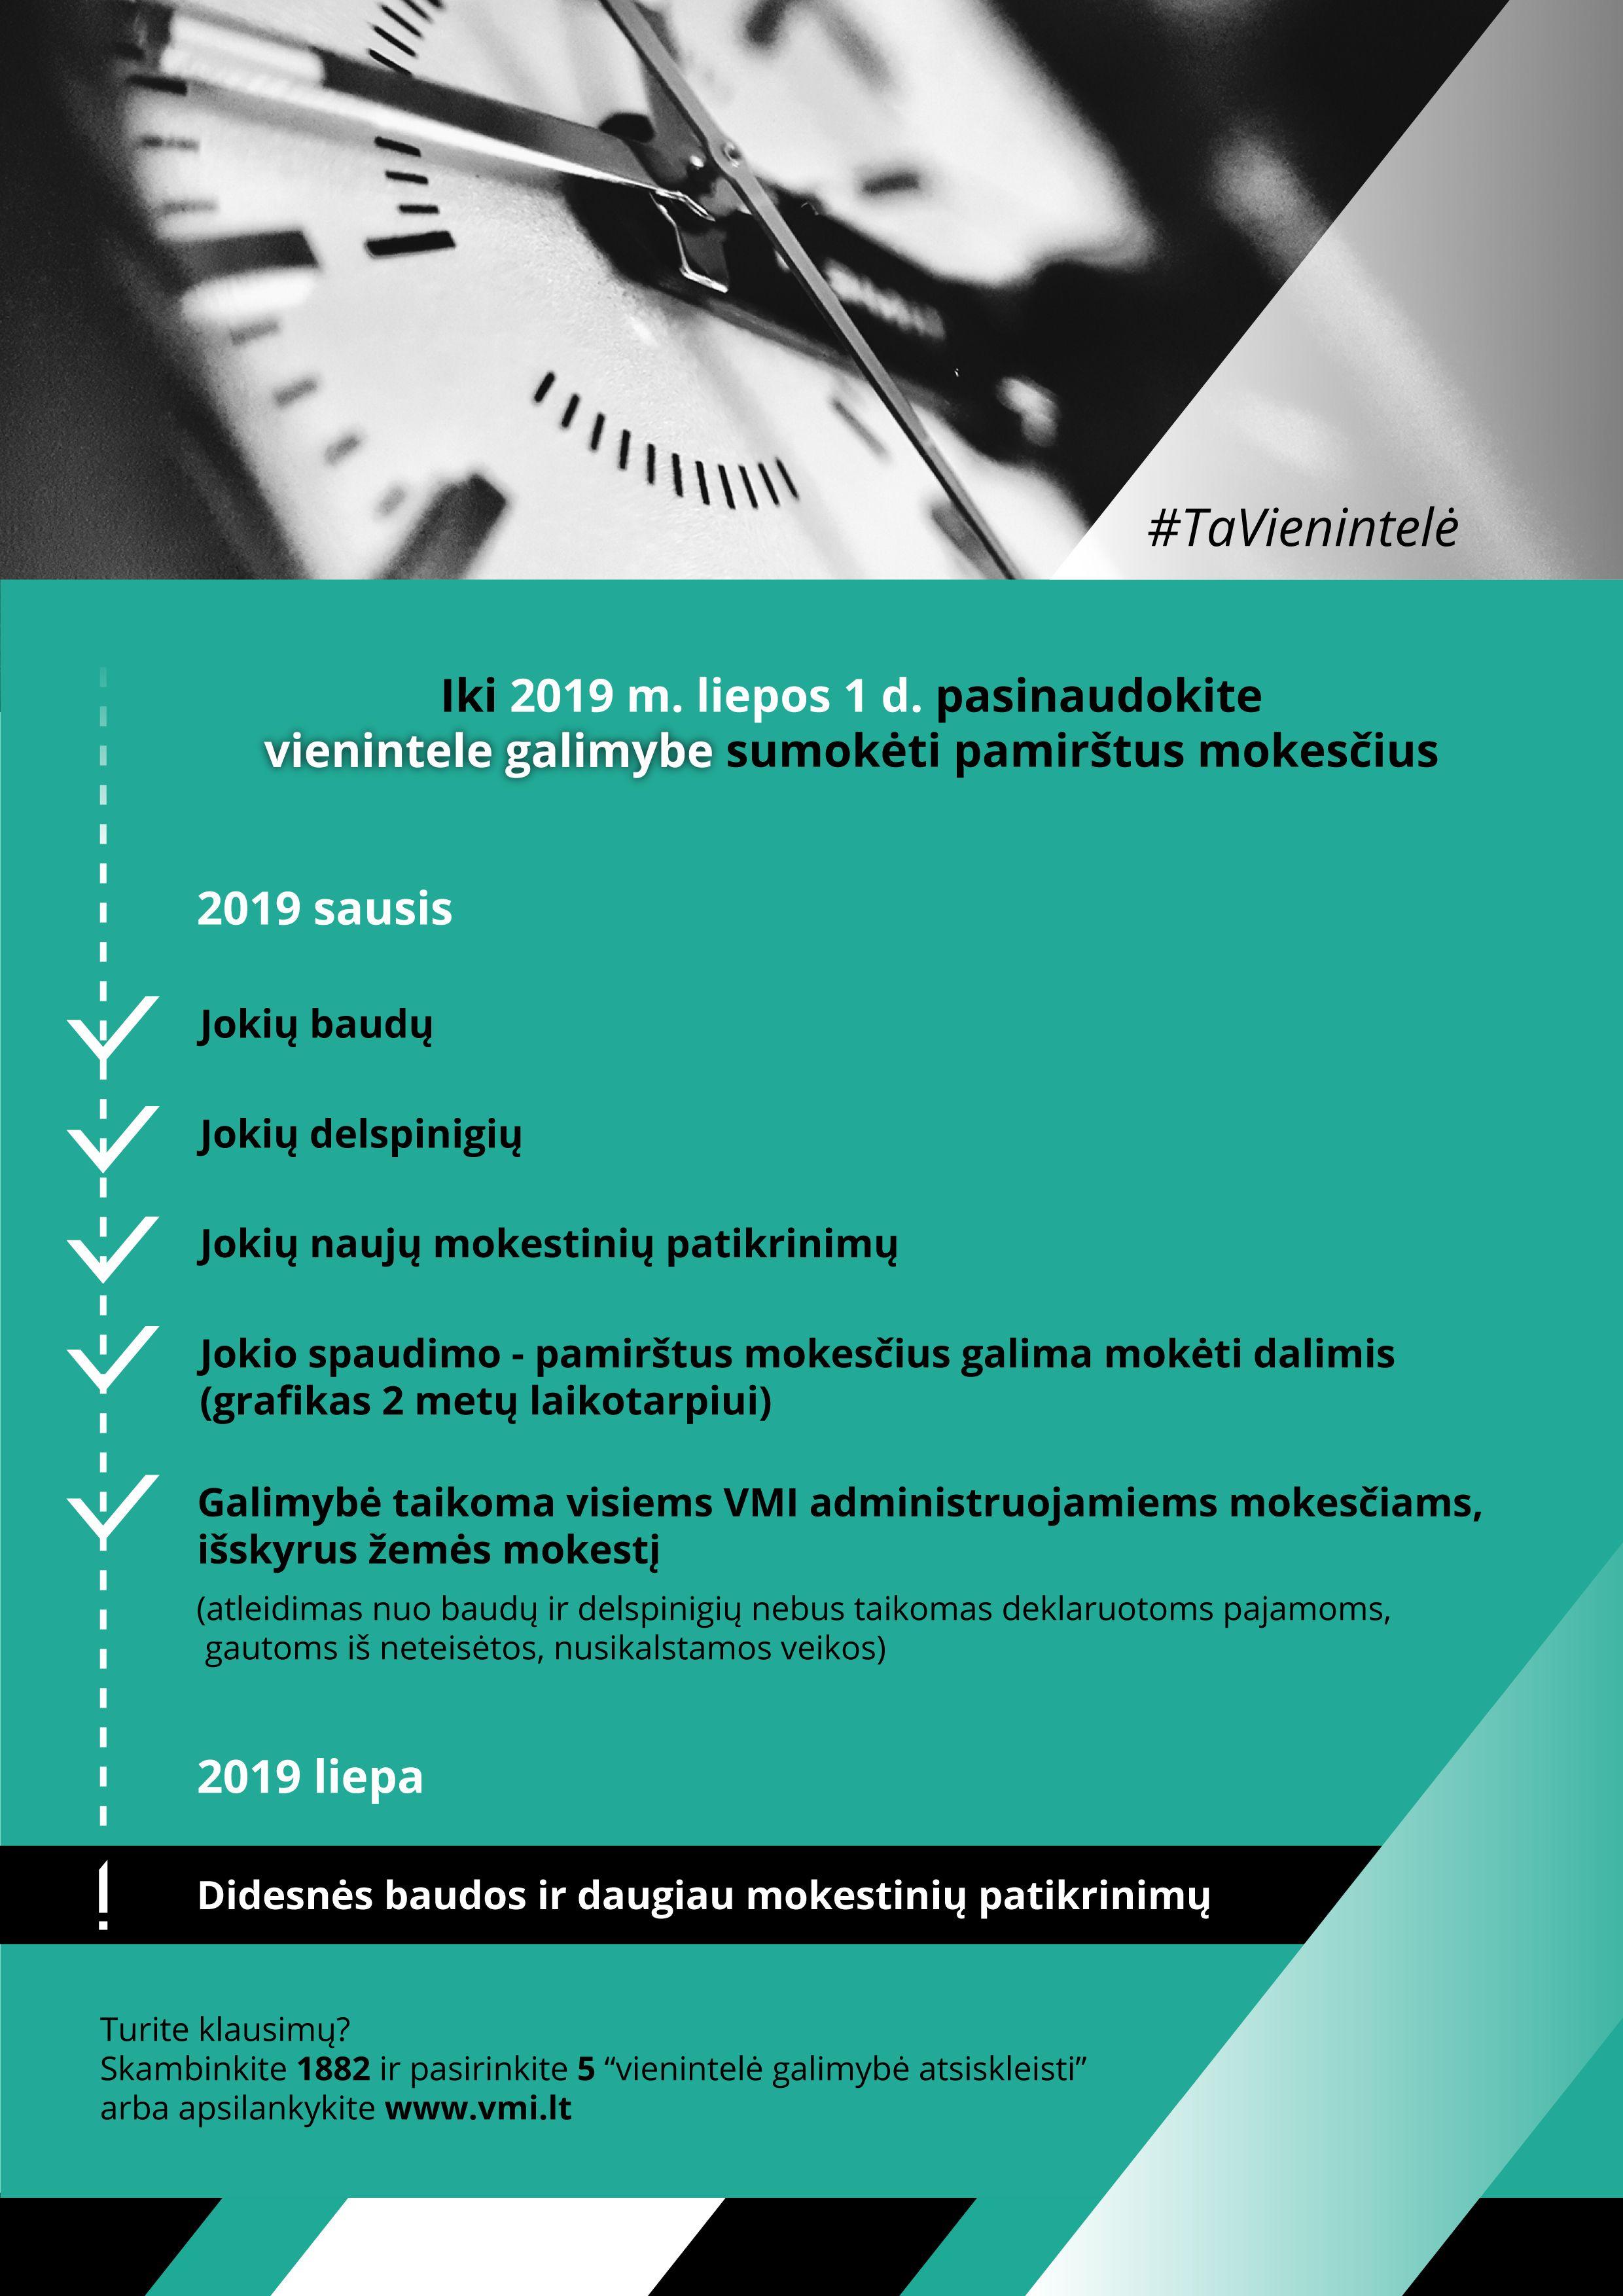 deklaravimas-versli mama-infografikas